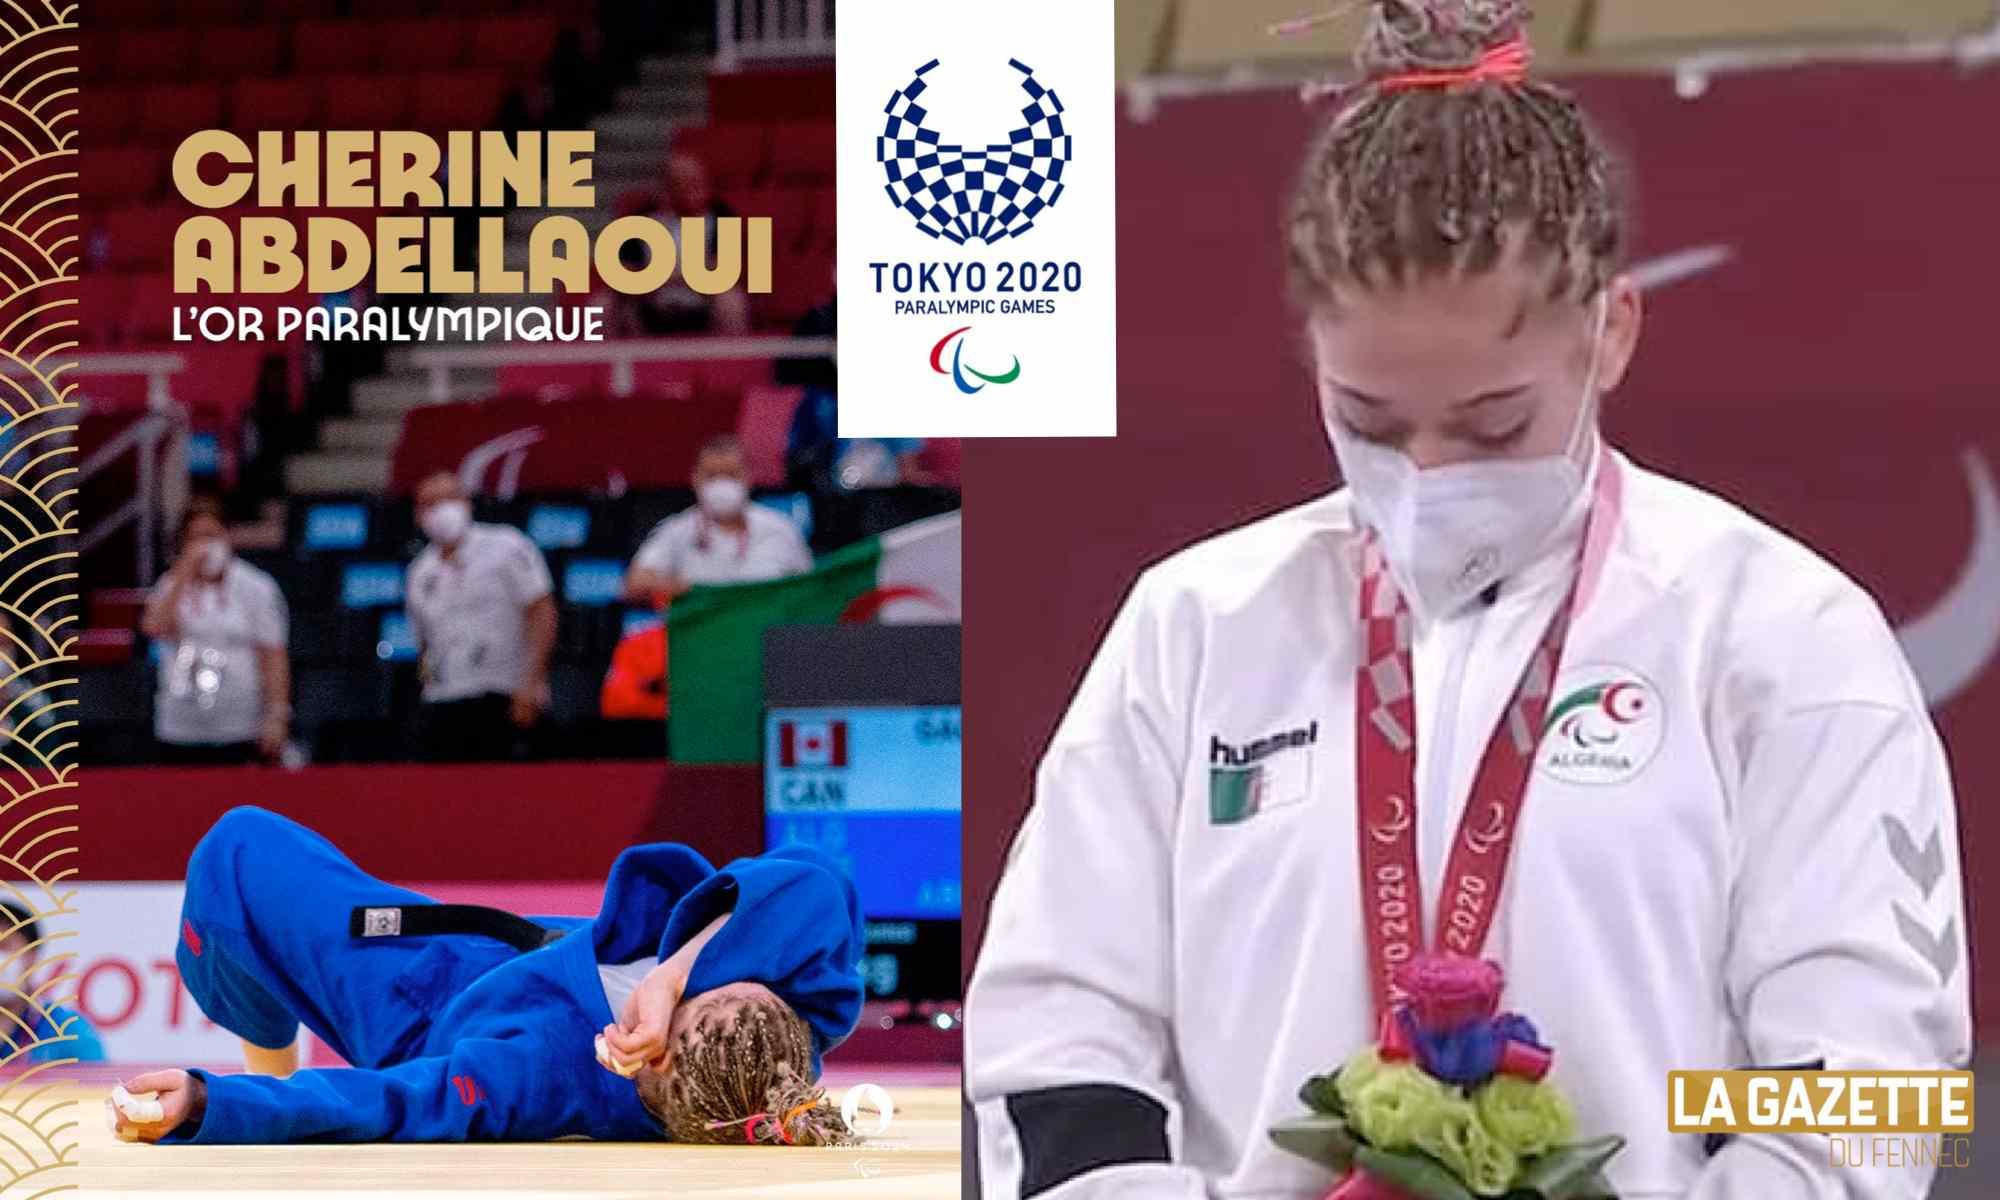 cherine abdellaoui or paralympiques jo tokyo 2020